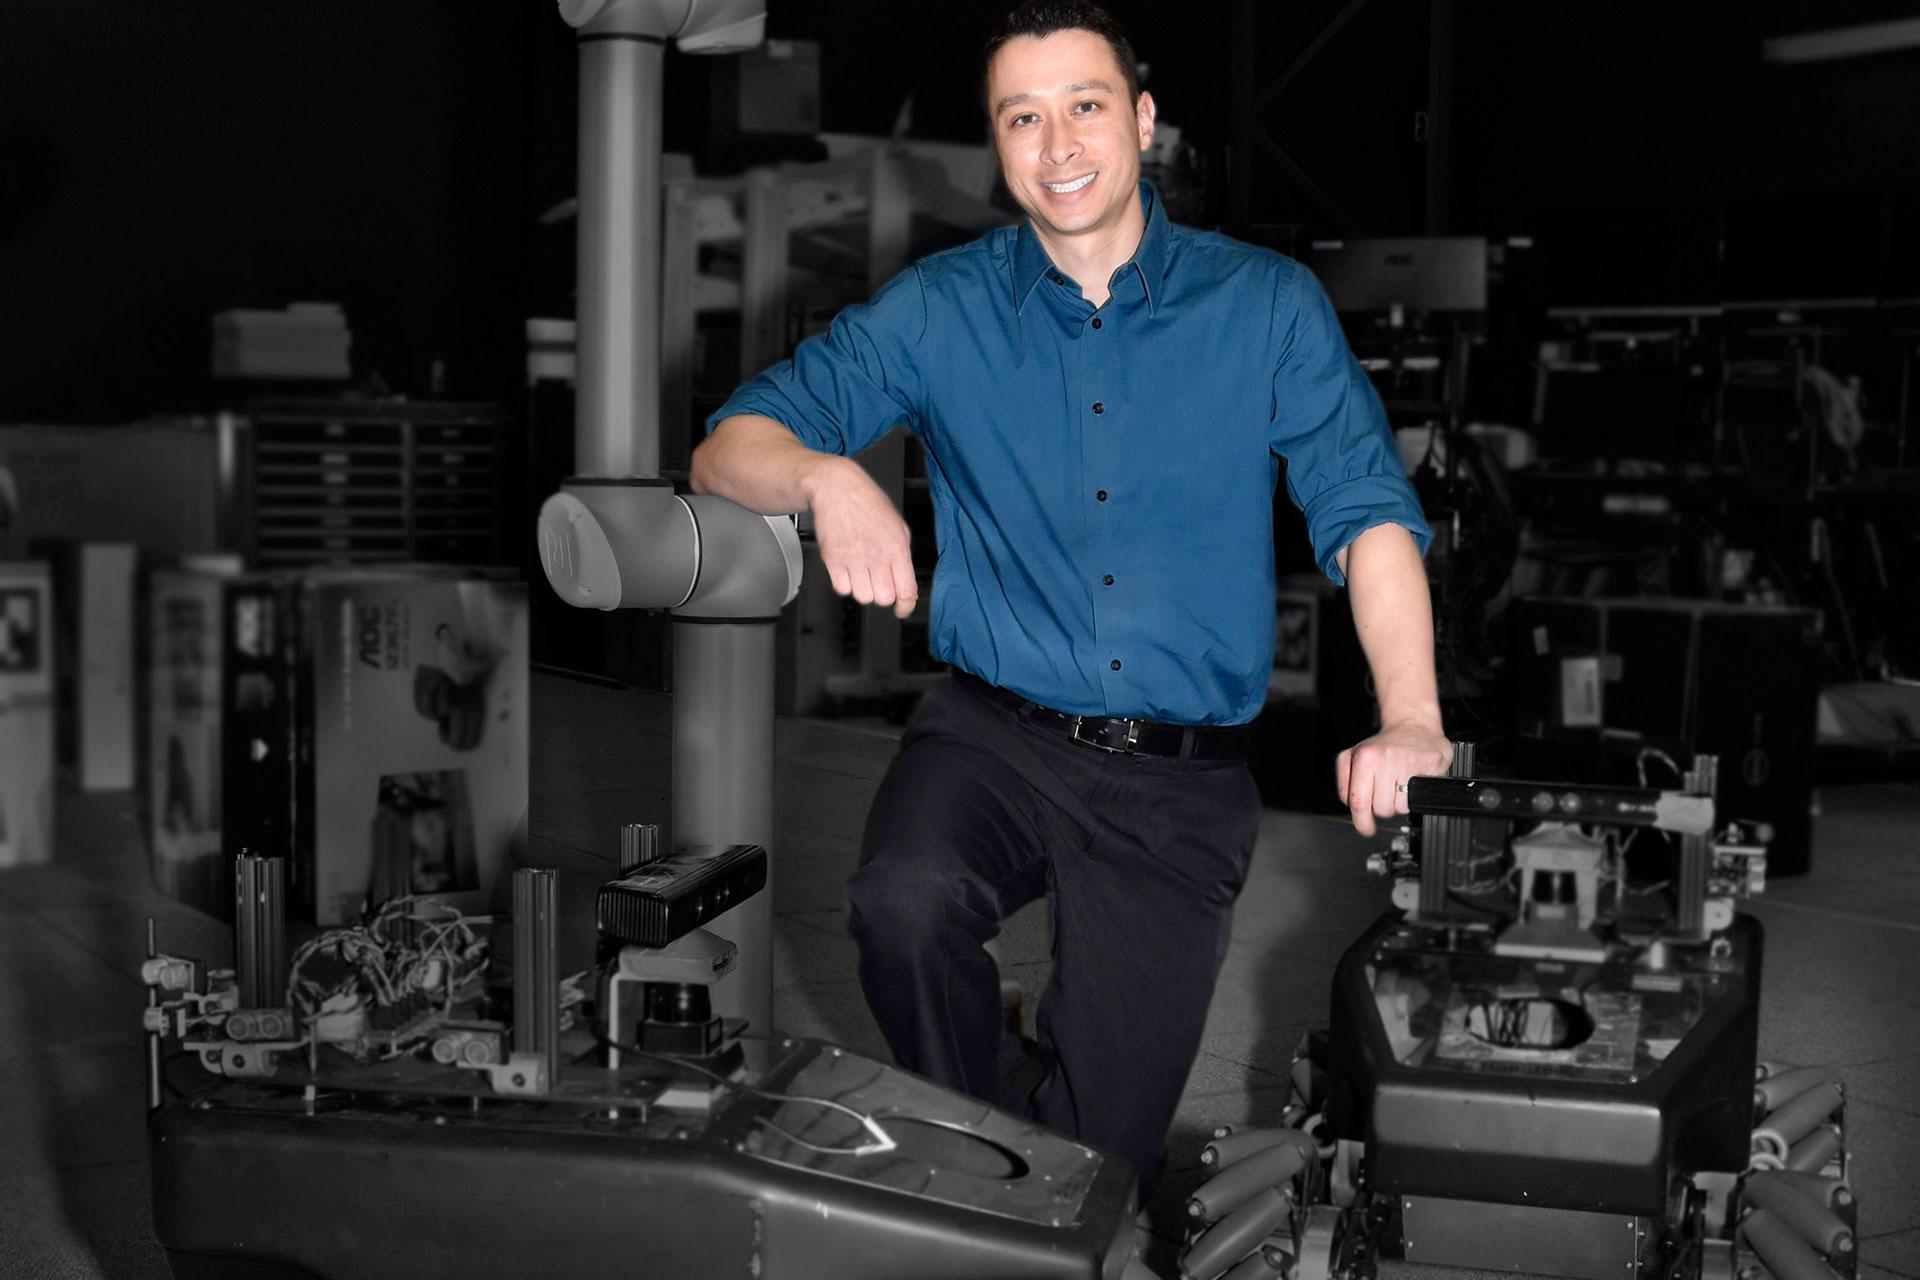 hing posing on machinery